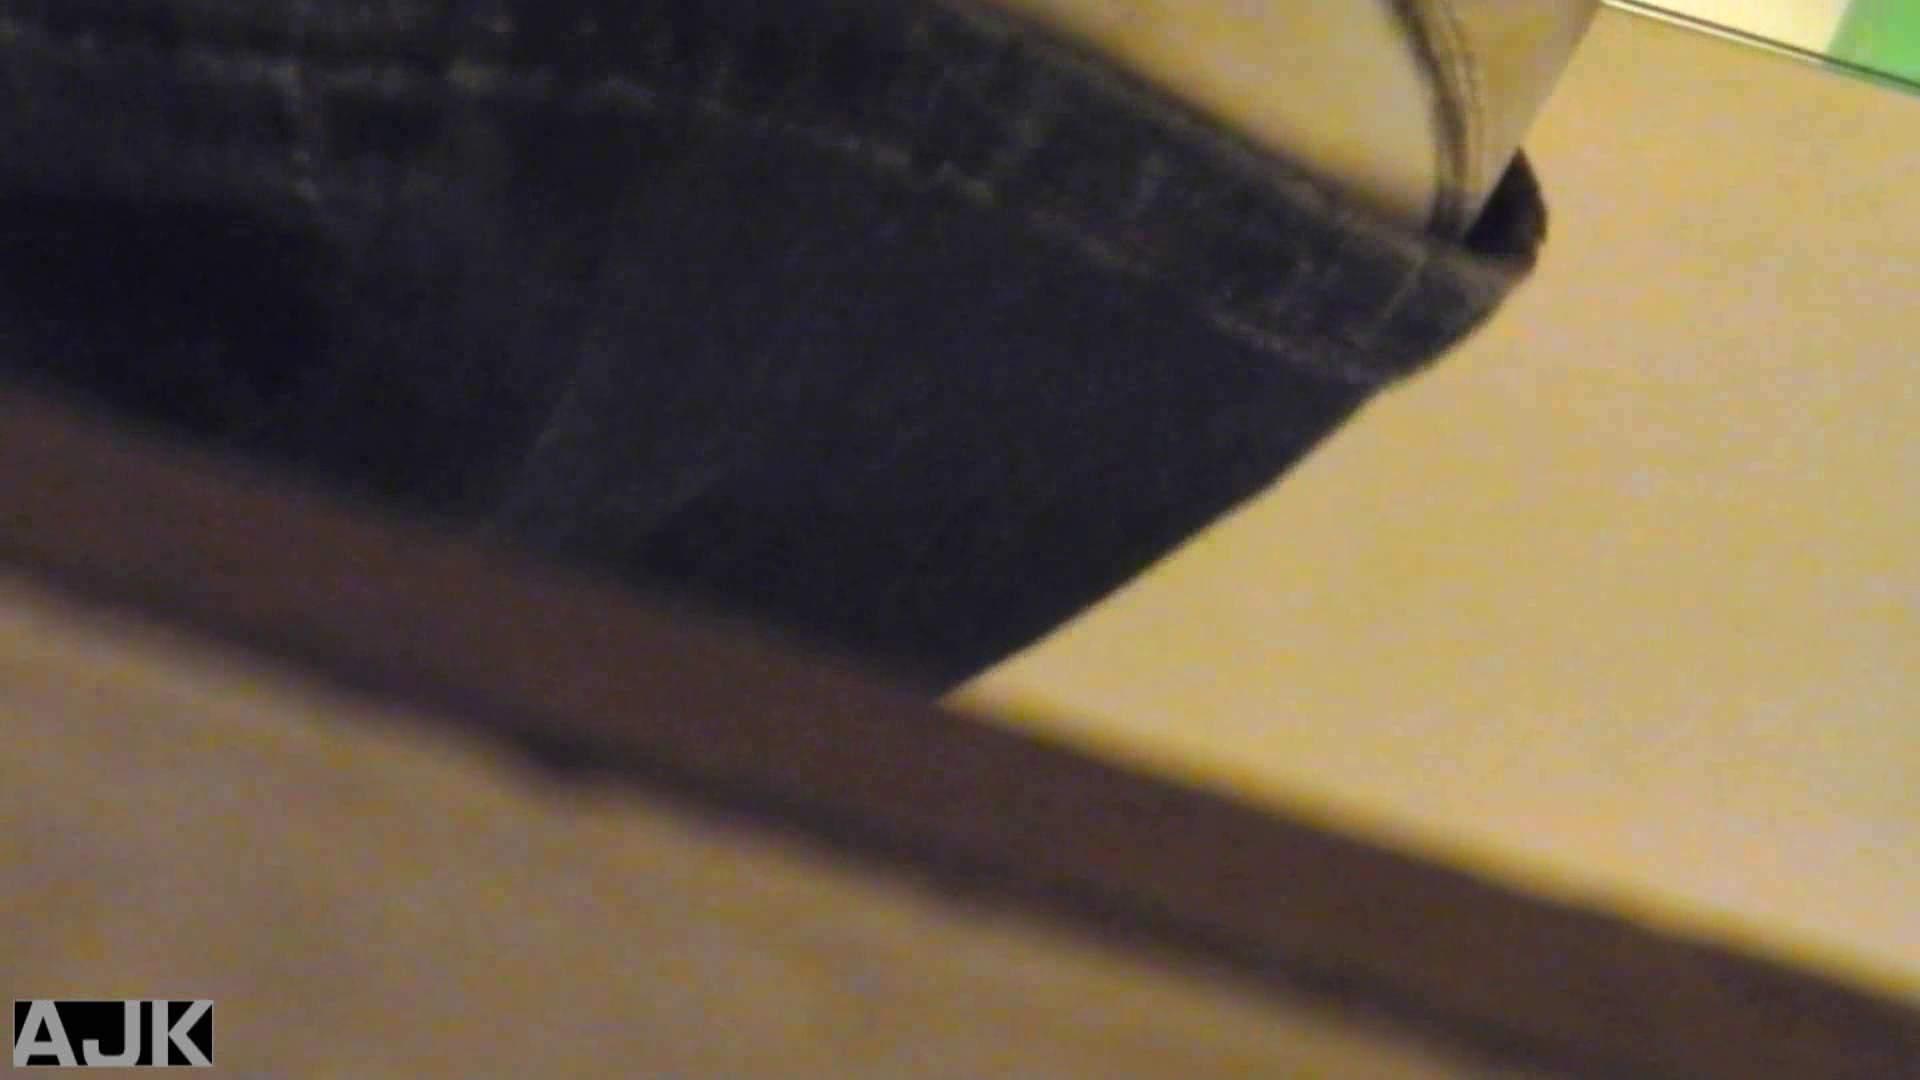 神降臨!史上最強の潜入かわや! vol.02 美女丸裸 オマンコ動画キャプチャ 103pic 82